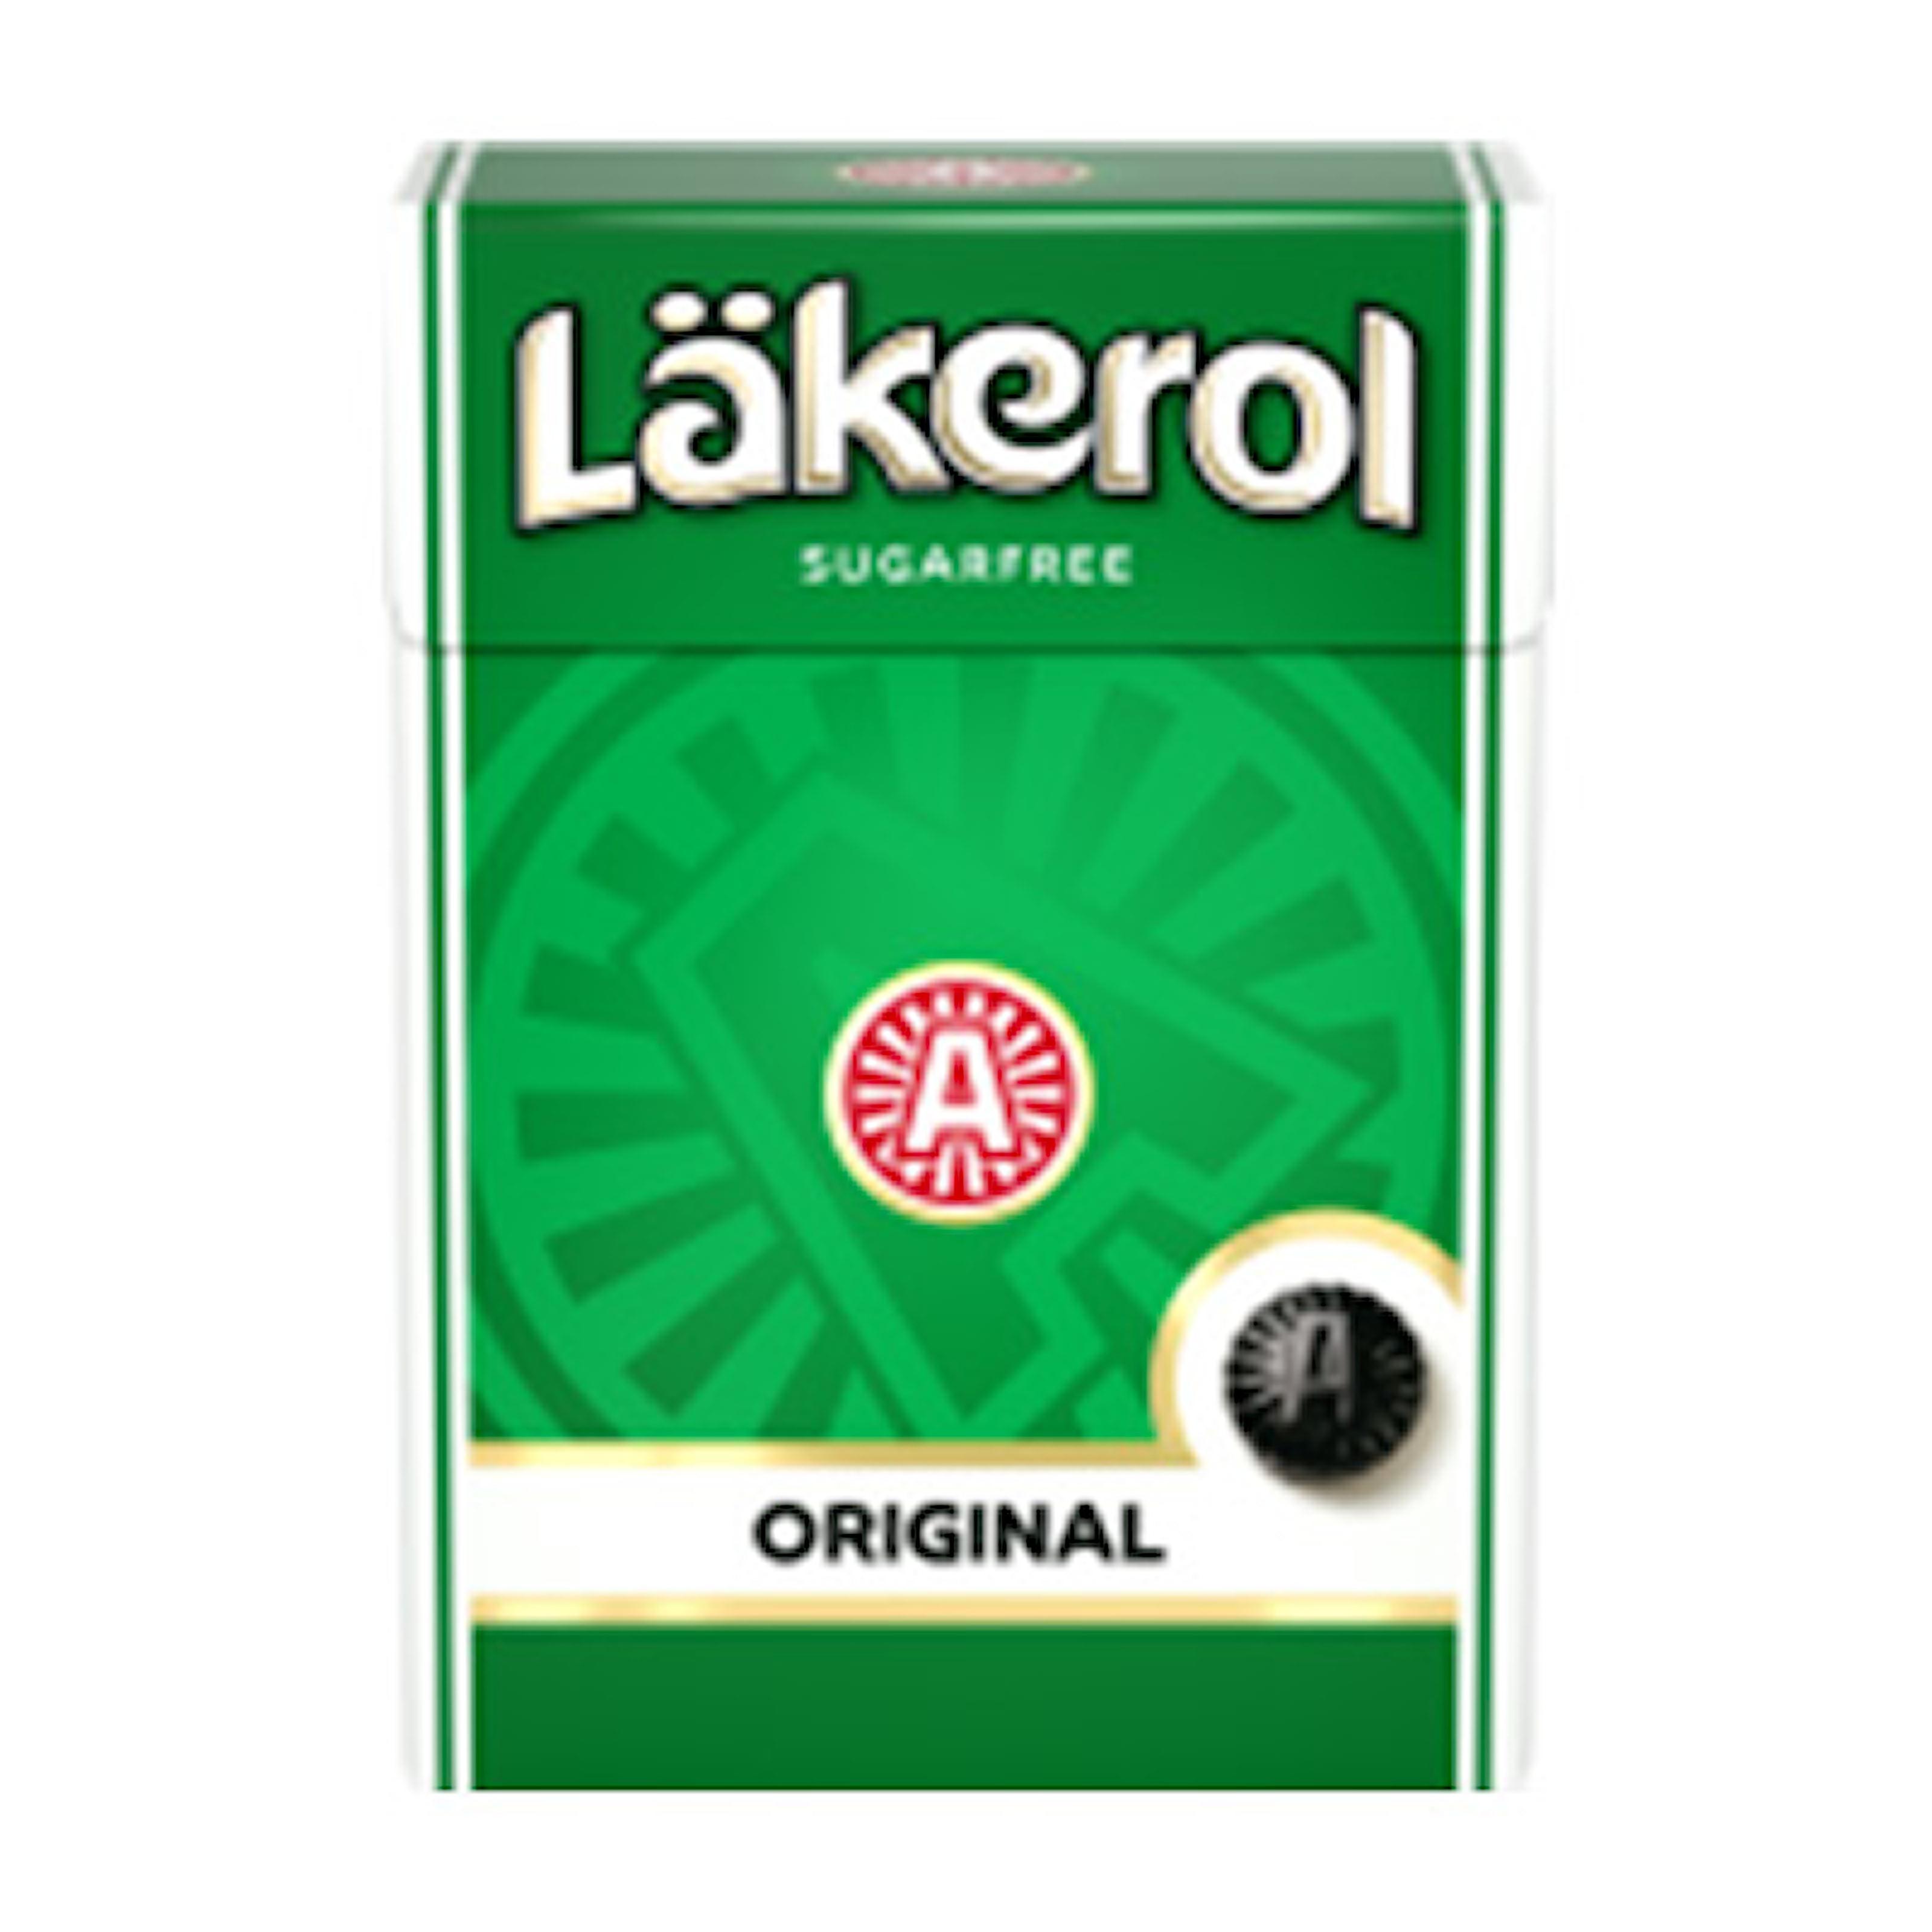 Original, Läkerol, Läkerol (Original), ,